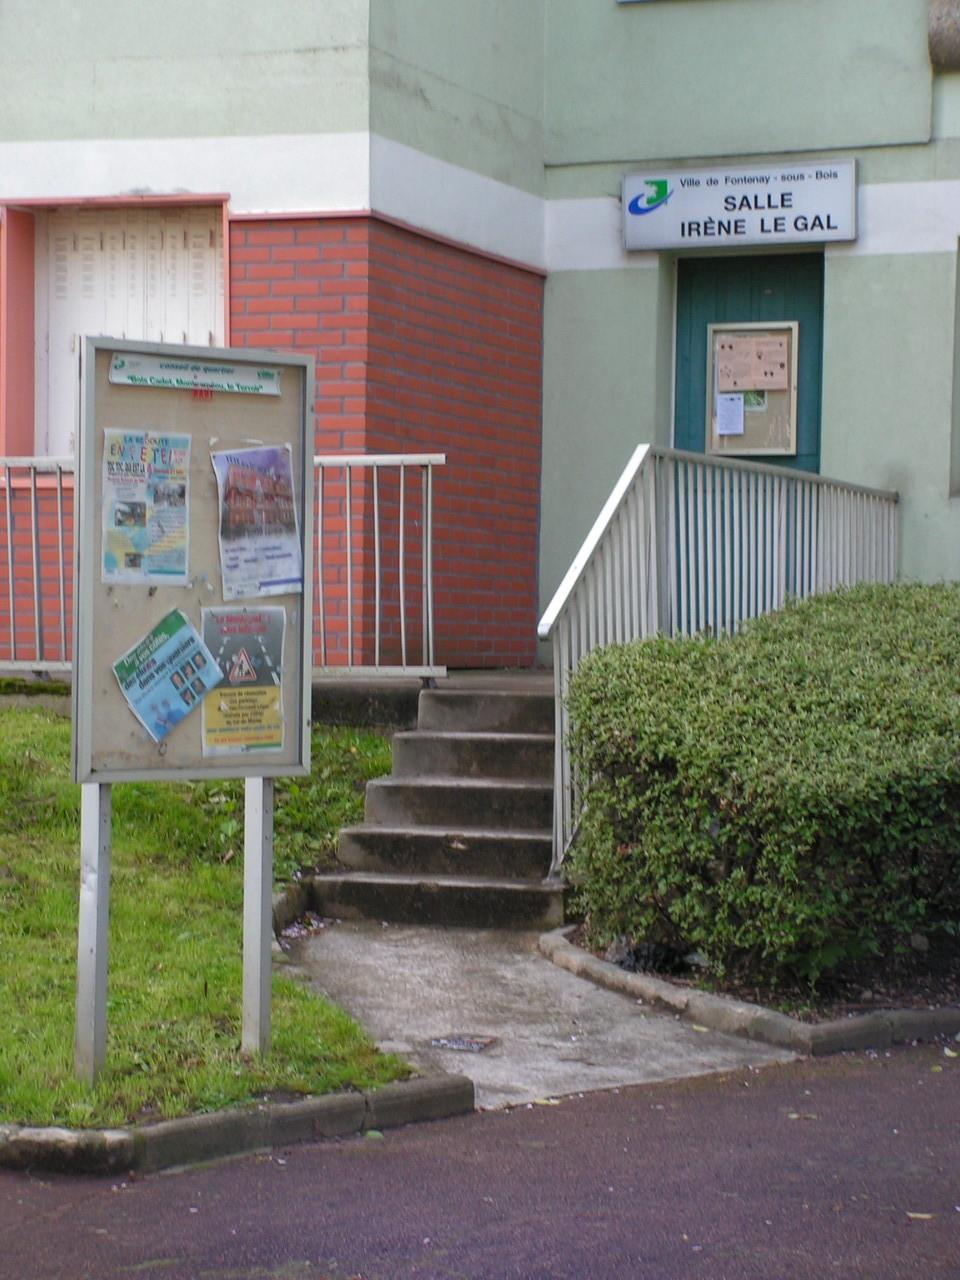 Salle Irène Le Gal, dans le recoin à droite